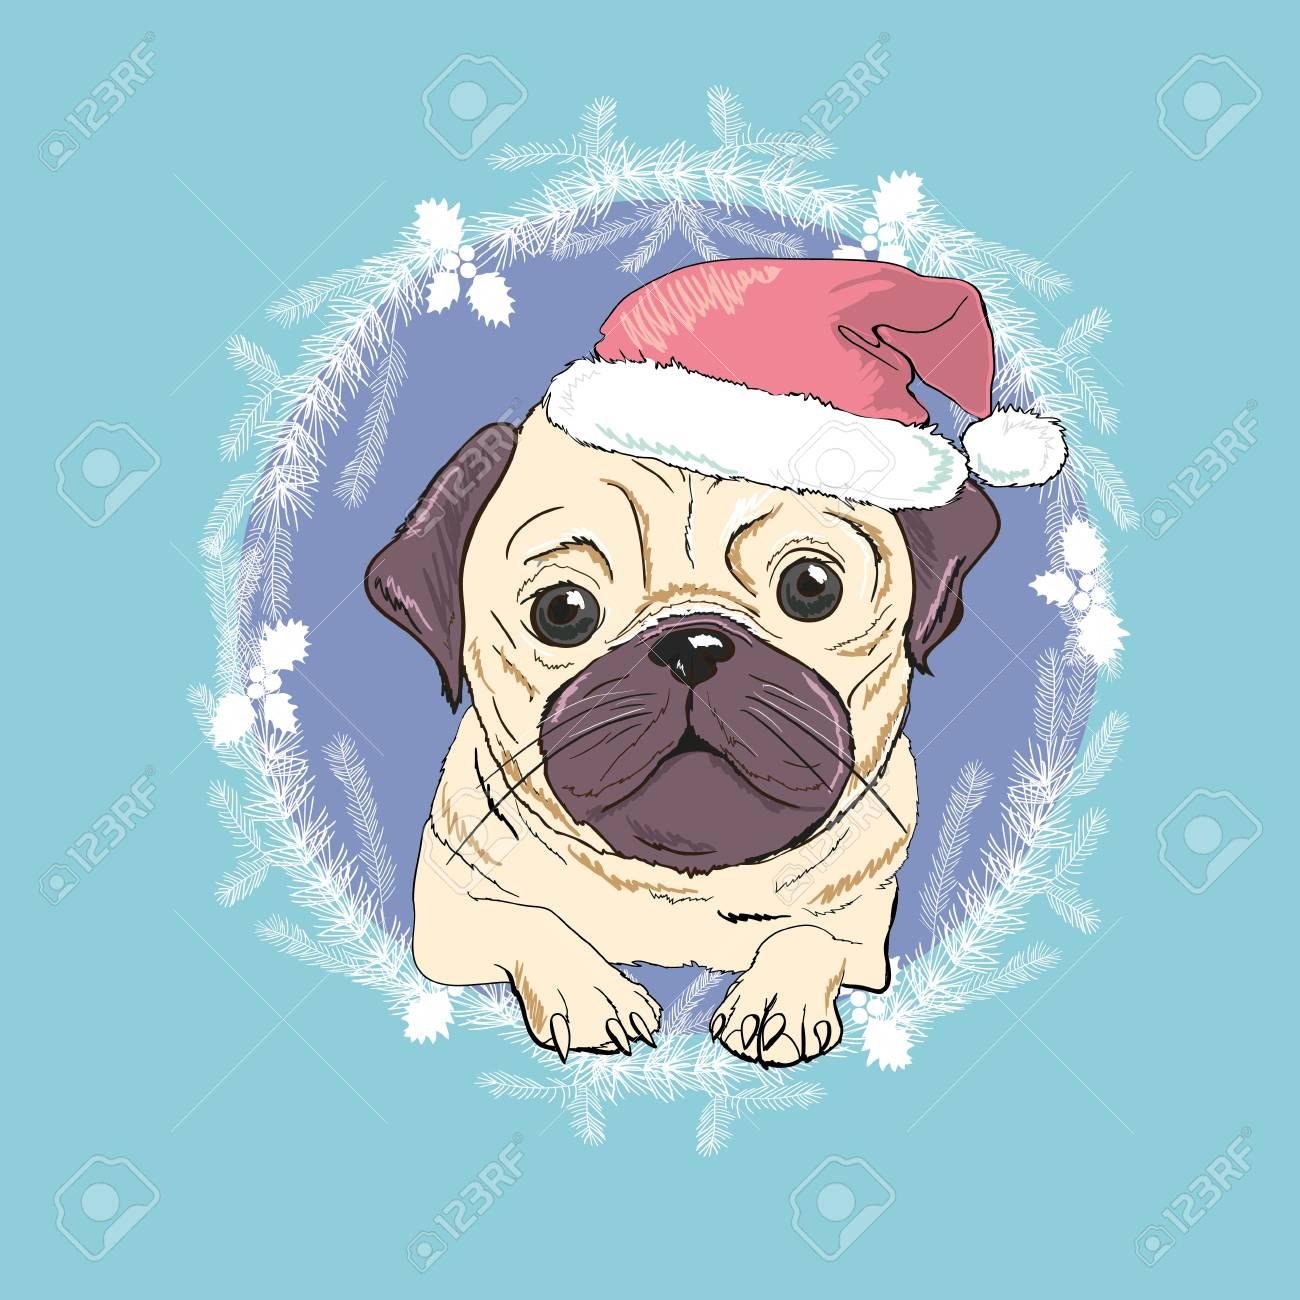 Pug dog with red Santa's hat illustration. - 90150237